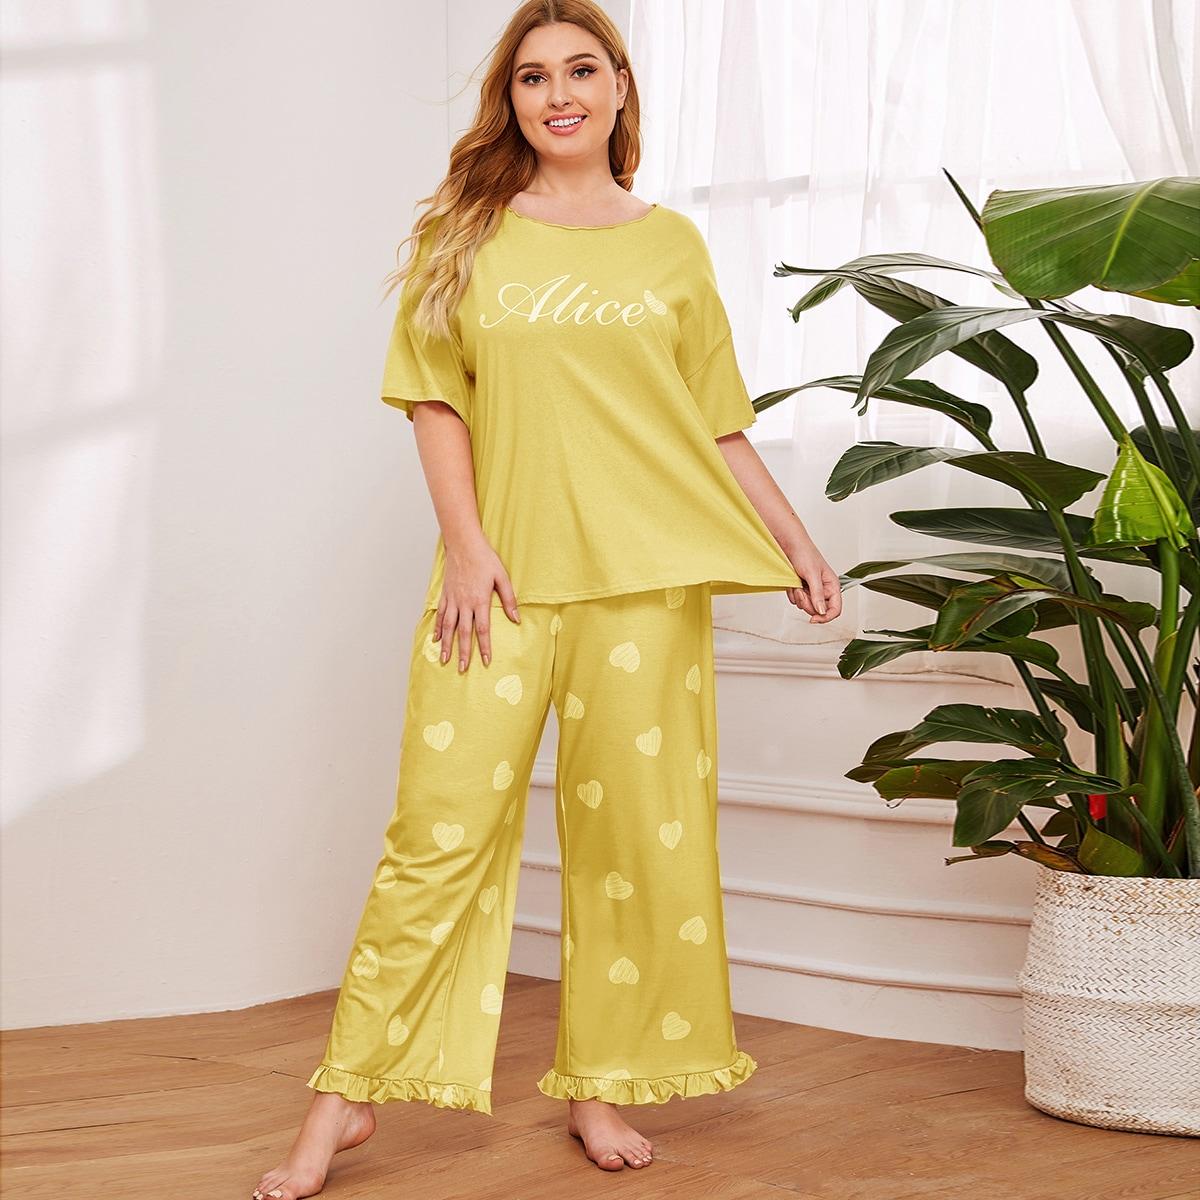 Пижама размера плюс с сердечным и текстовым принтом фото